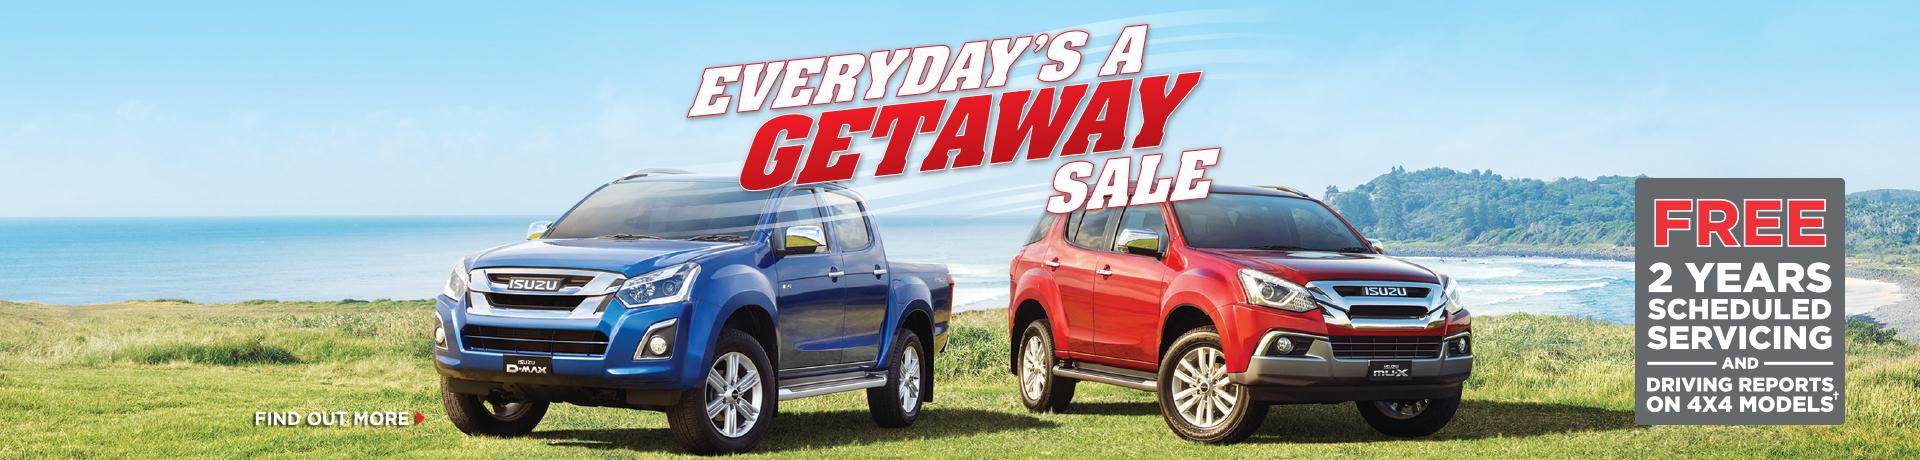 Everyday's Getaway Sale